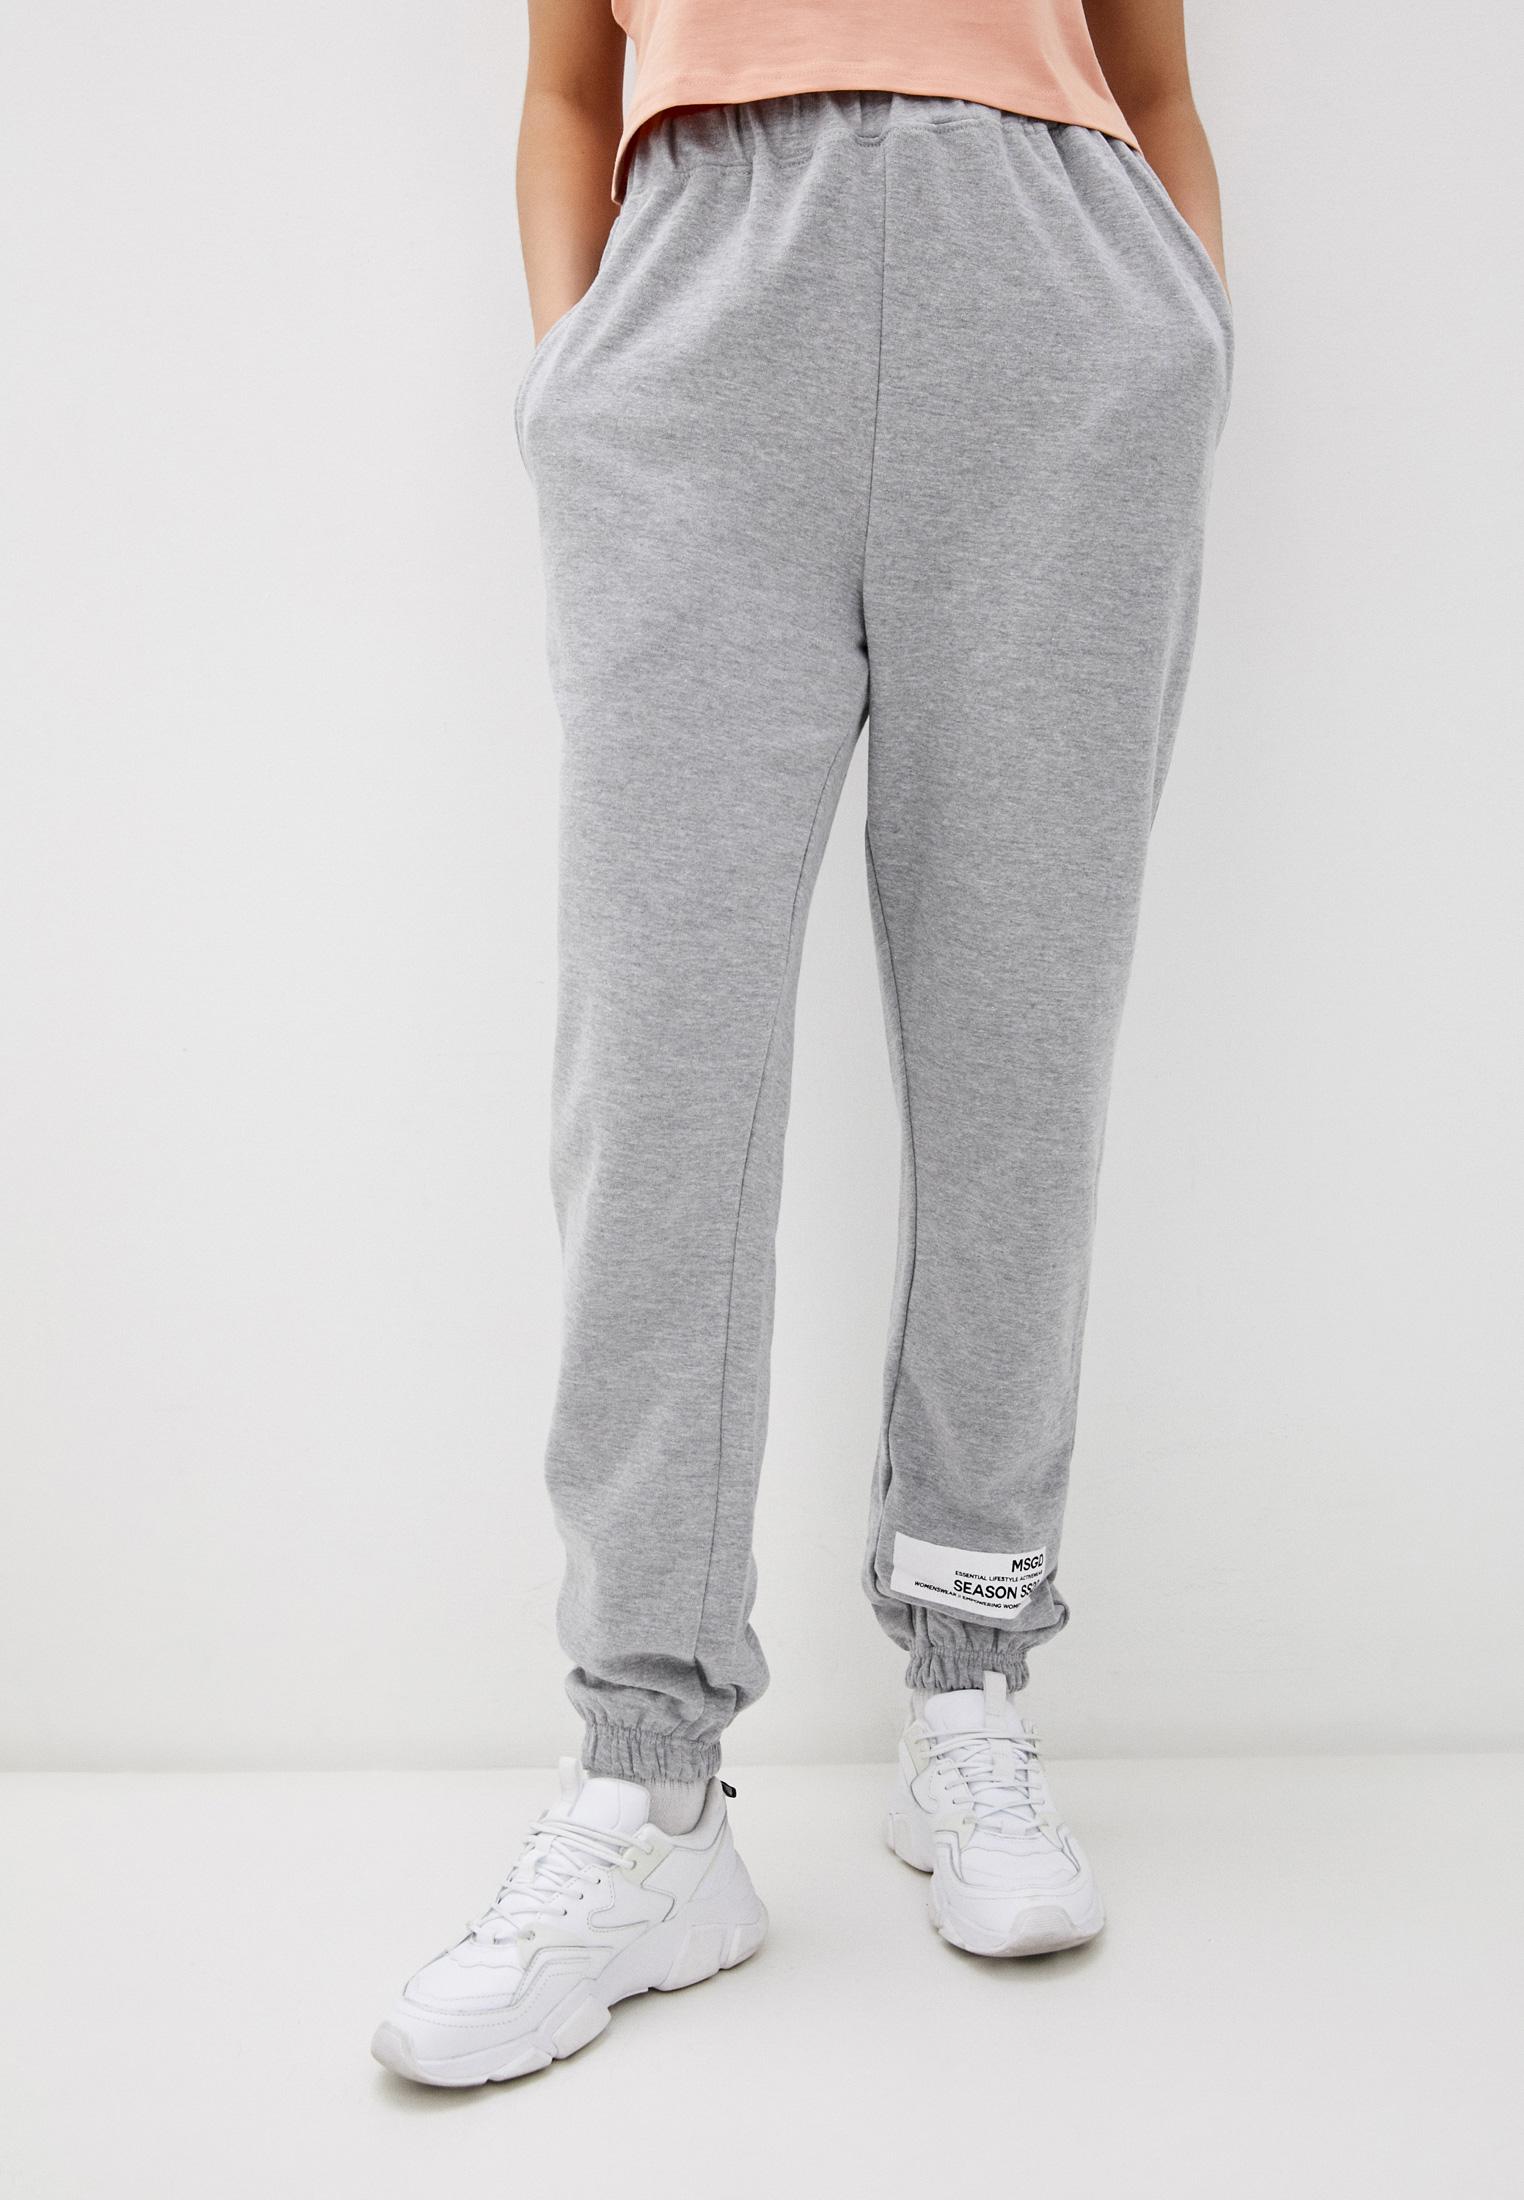 Женские спортивные брюки MISSGUIDED B1503601